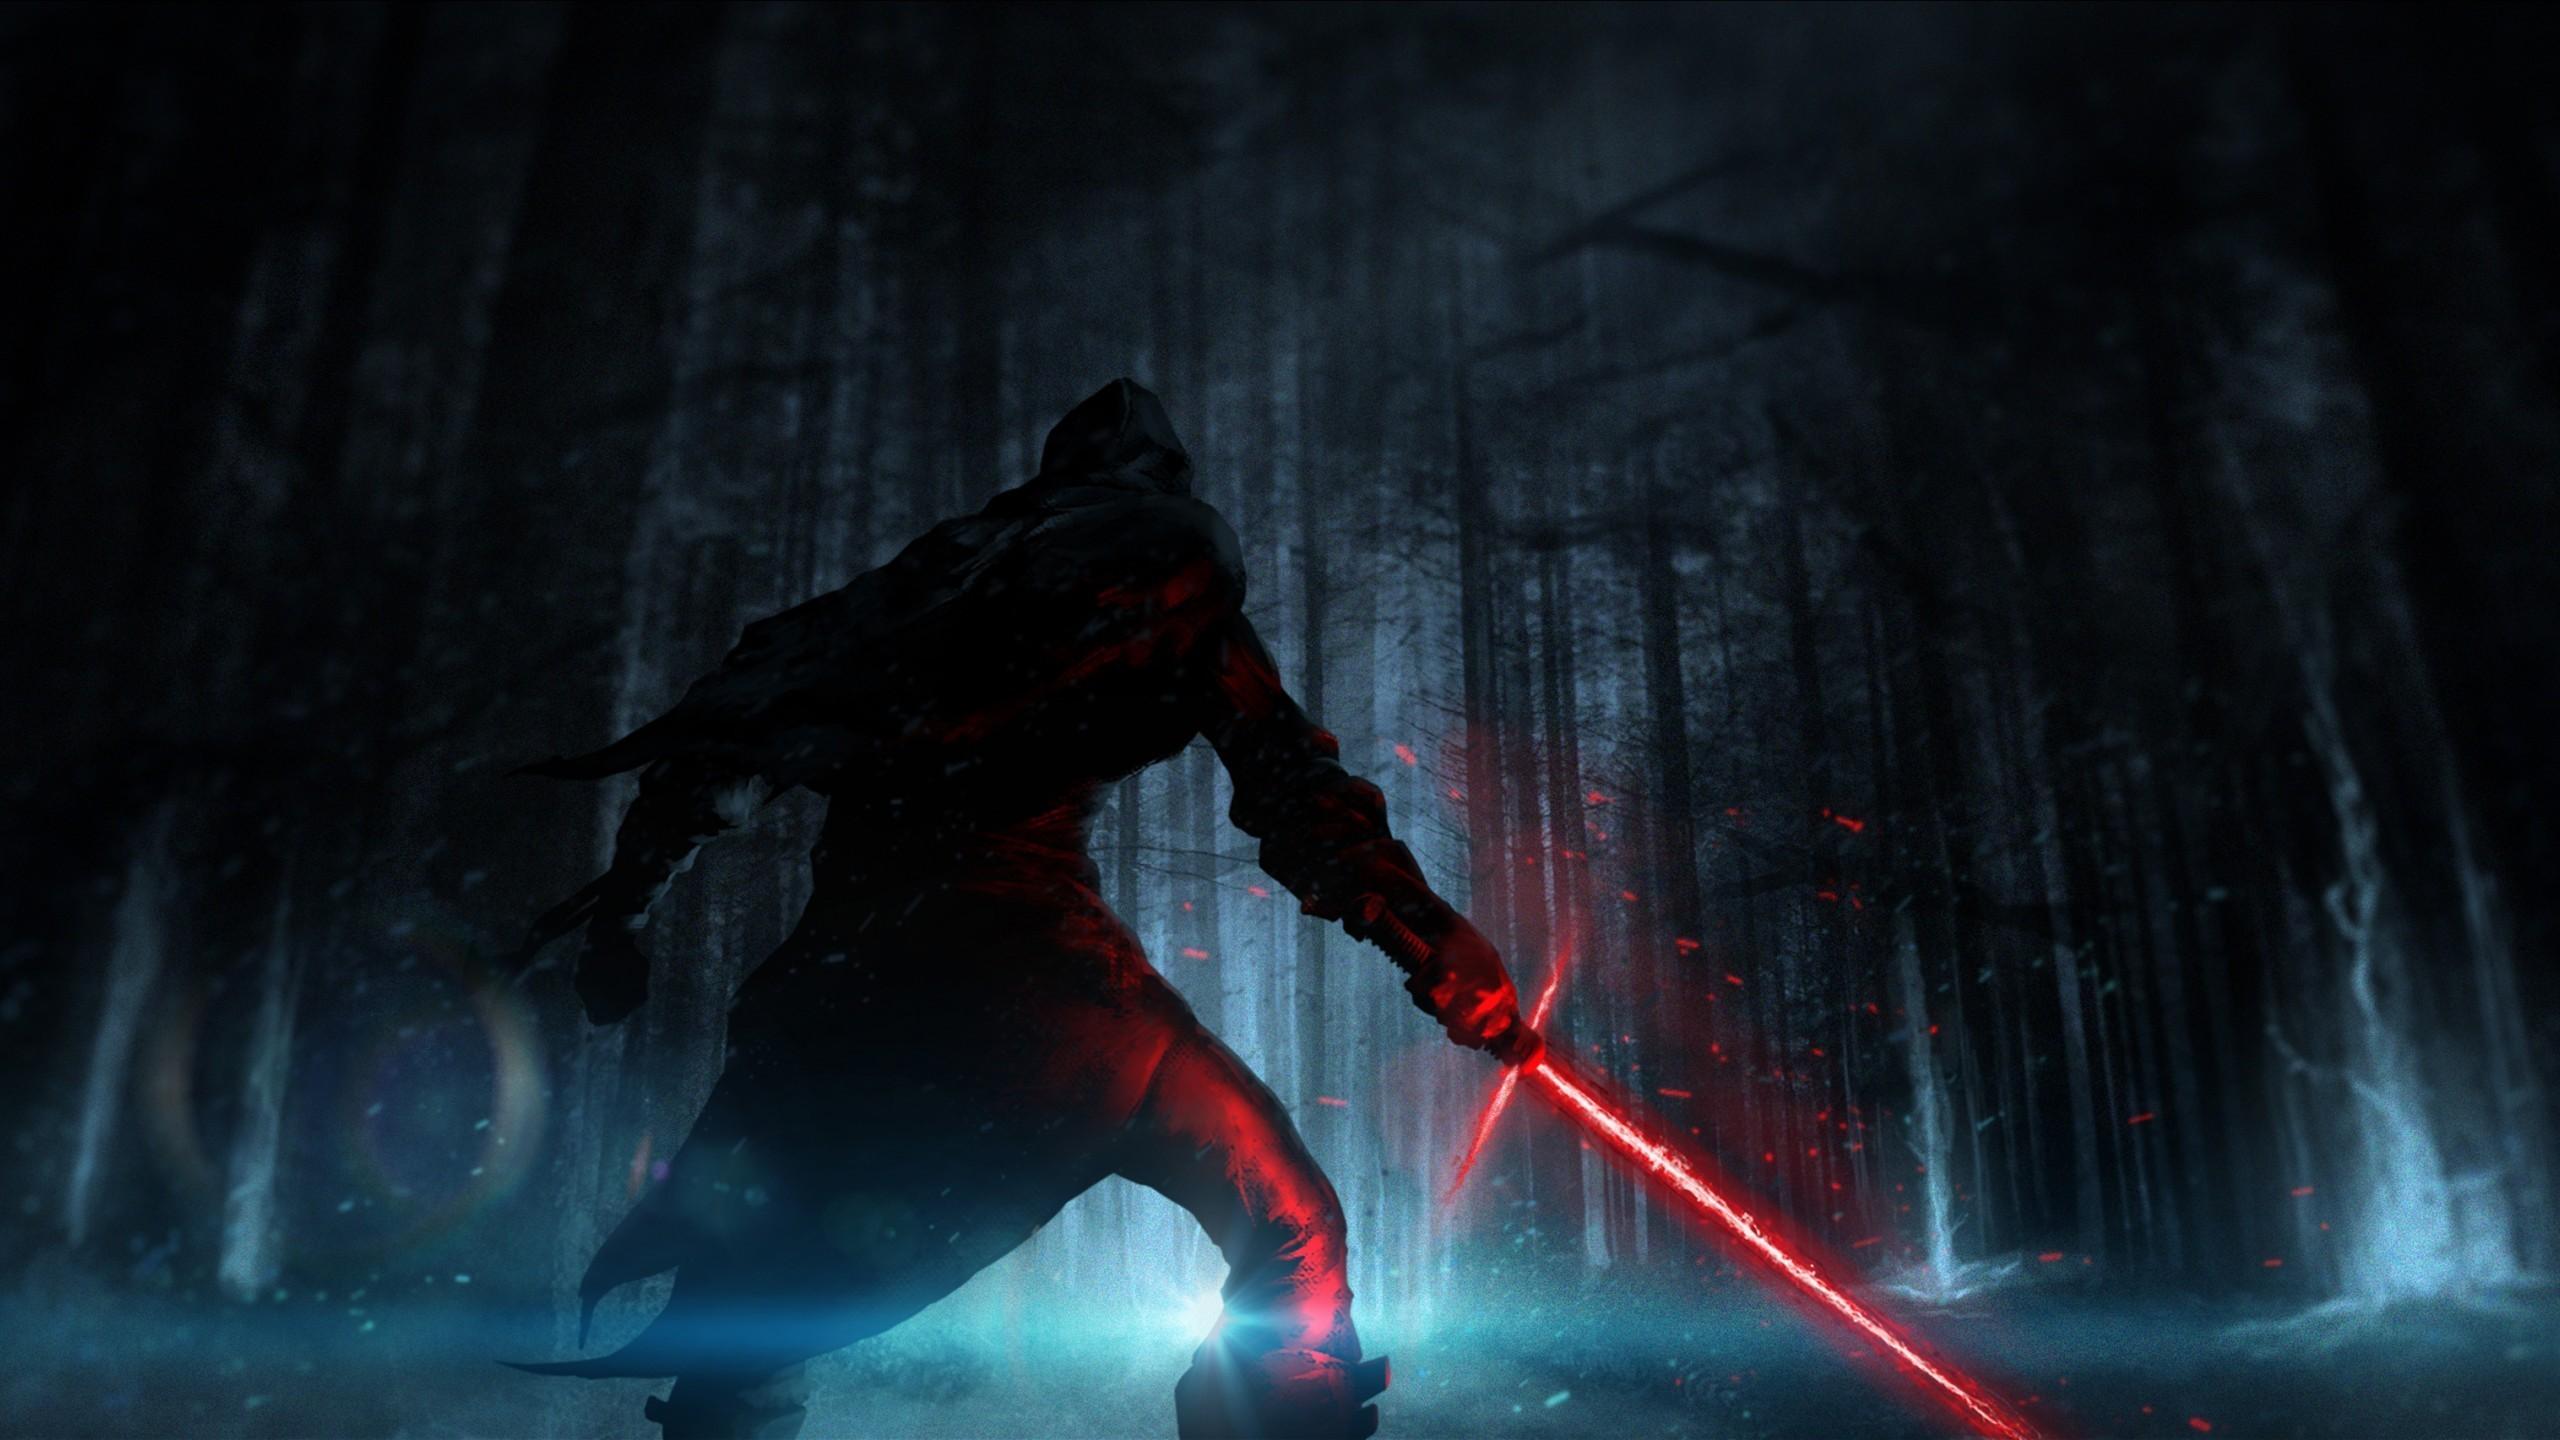 Lightsaber Wallpaper Iphone Hd : Star wars the force awakens #666455 full  hd widescreen